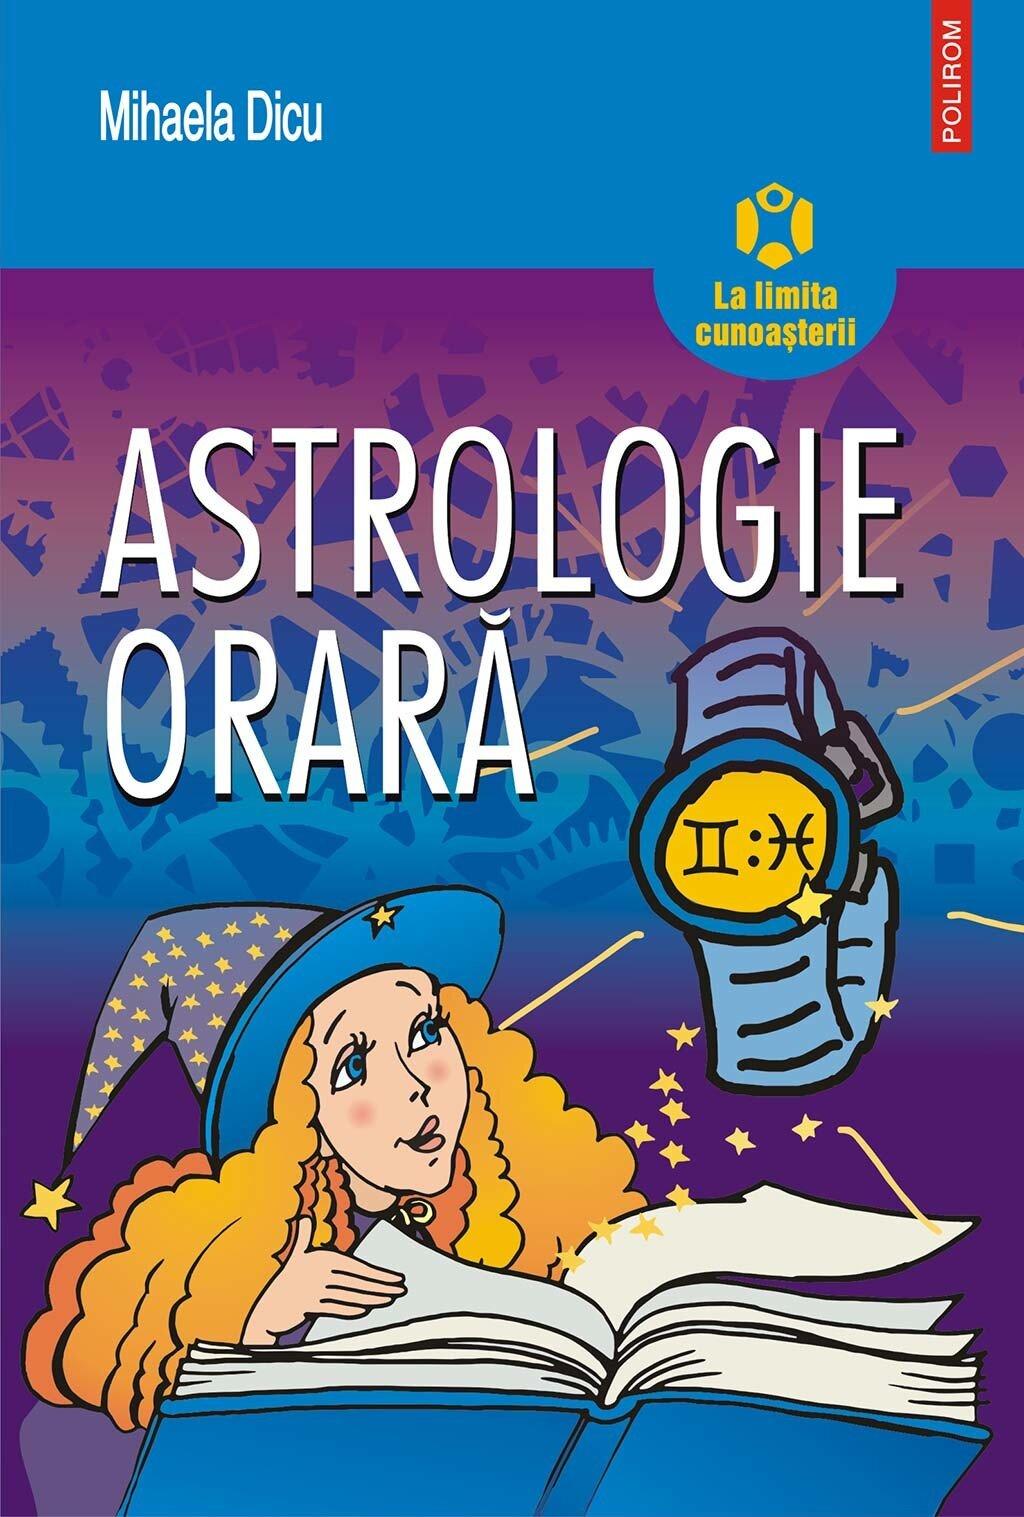 Astrologie orara. Horoscopul intrebarilor despre dragoste, succes, bani si orice alt lucru care ne preocupa (eBook)